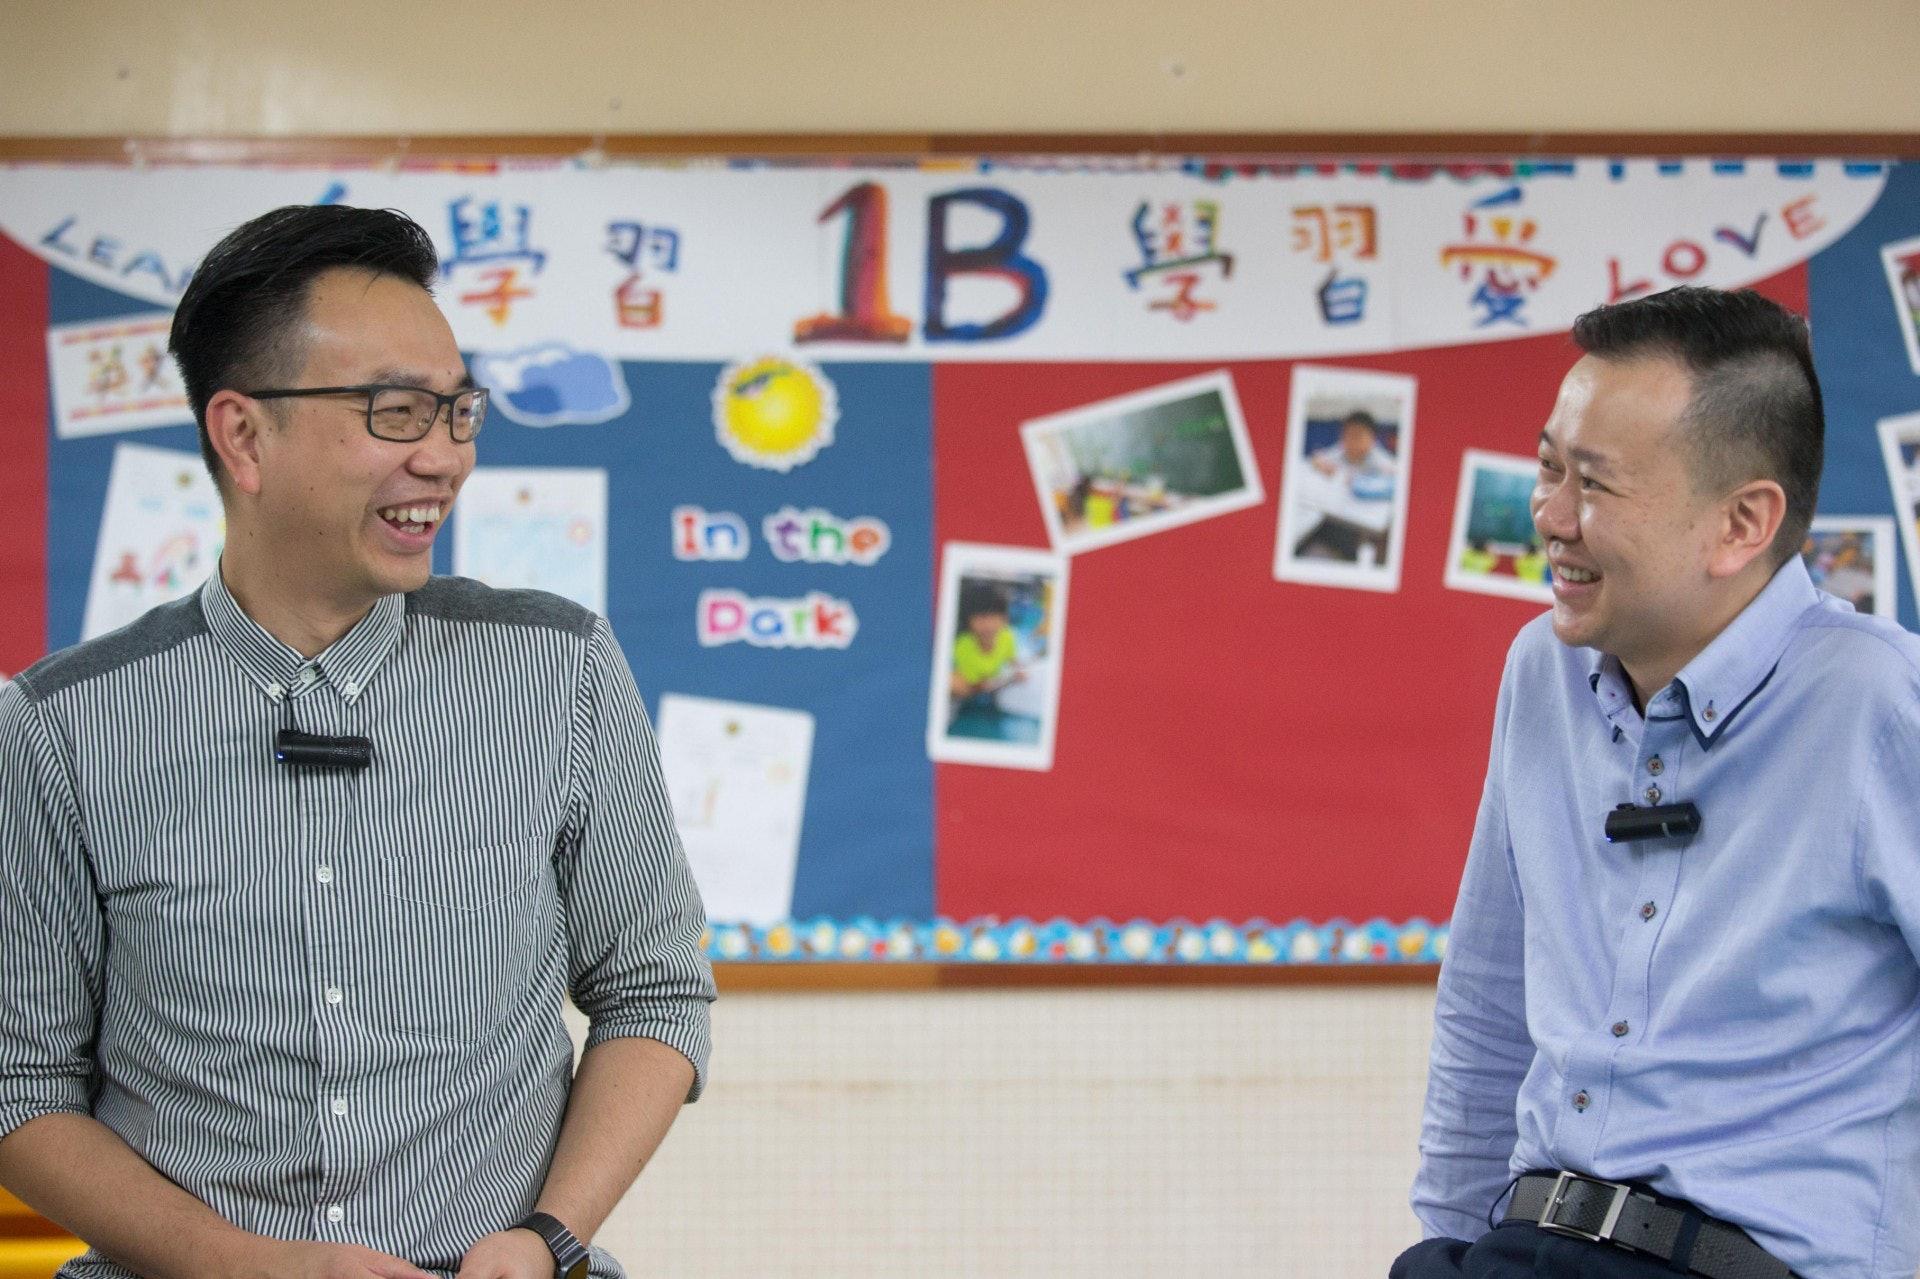 踏入9月,朱子穎校長(左)會將浸信會天虹小學交給馮耀章校長(右)。(梁鵬威攝)